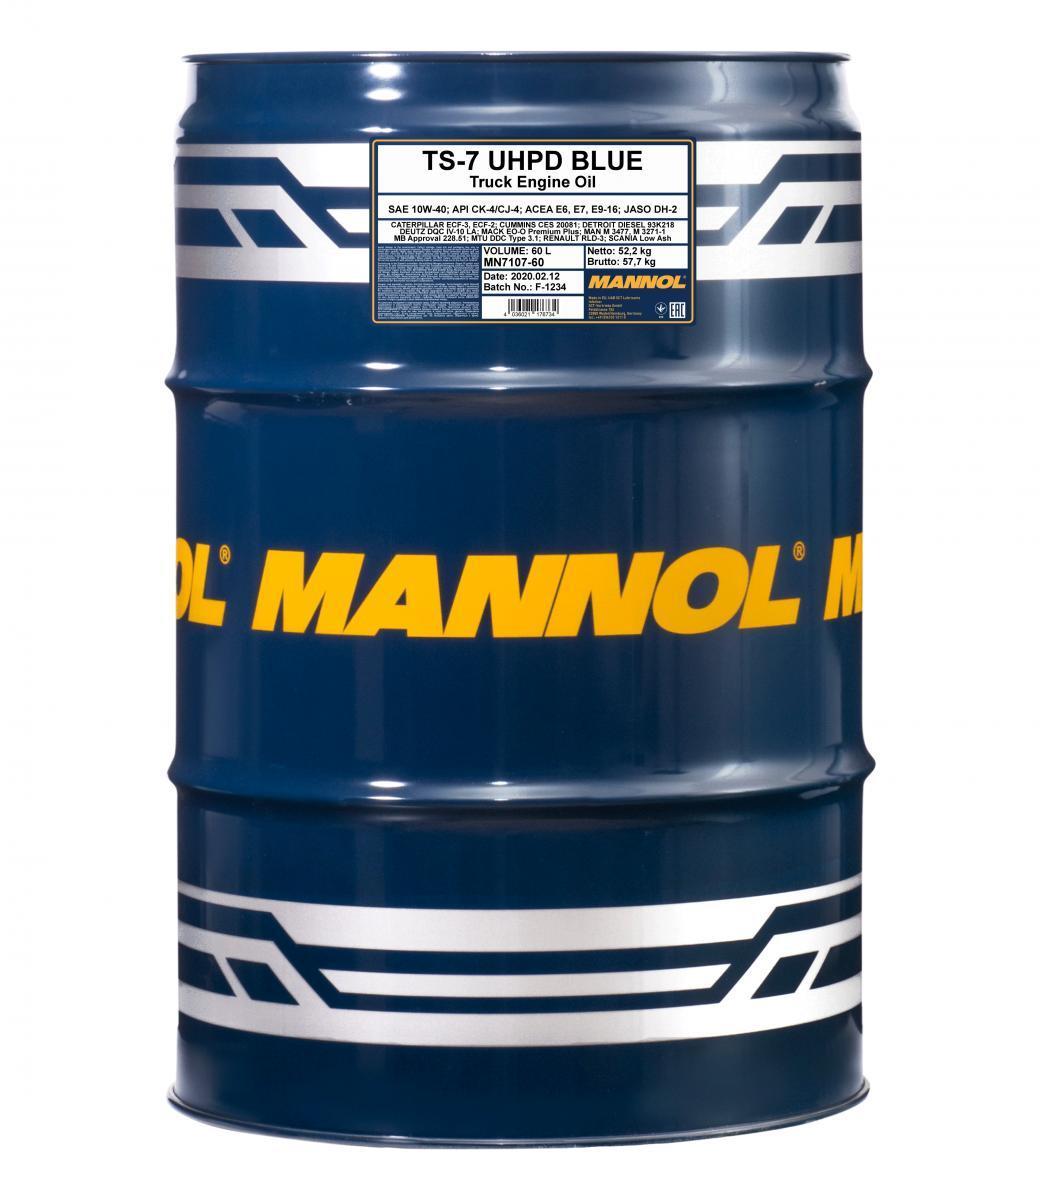 MN7107-60 MANNOL TS-7, UHPD Blue 10W-40, 60l Motoröl MN7107-60 günstig kaufen